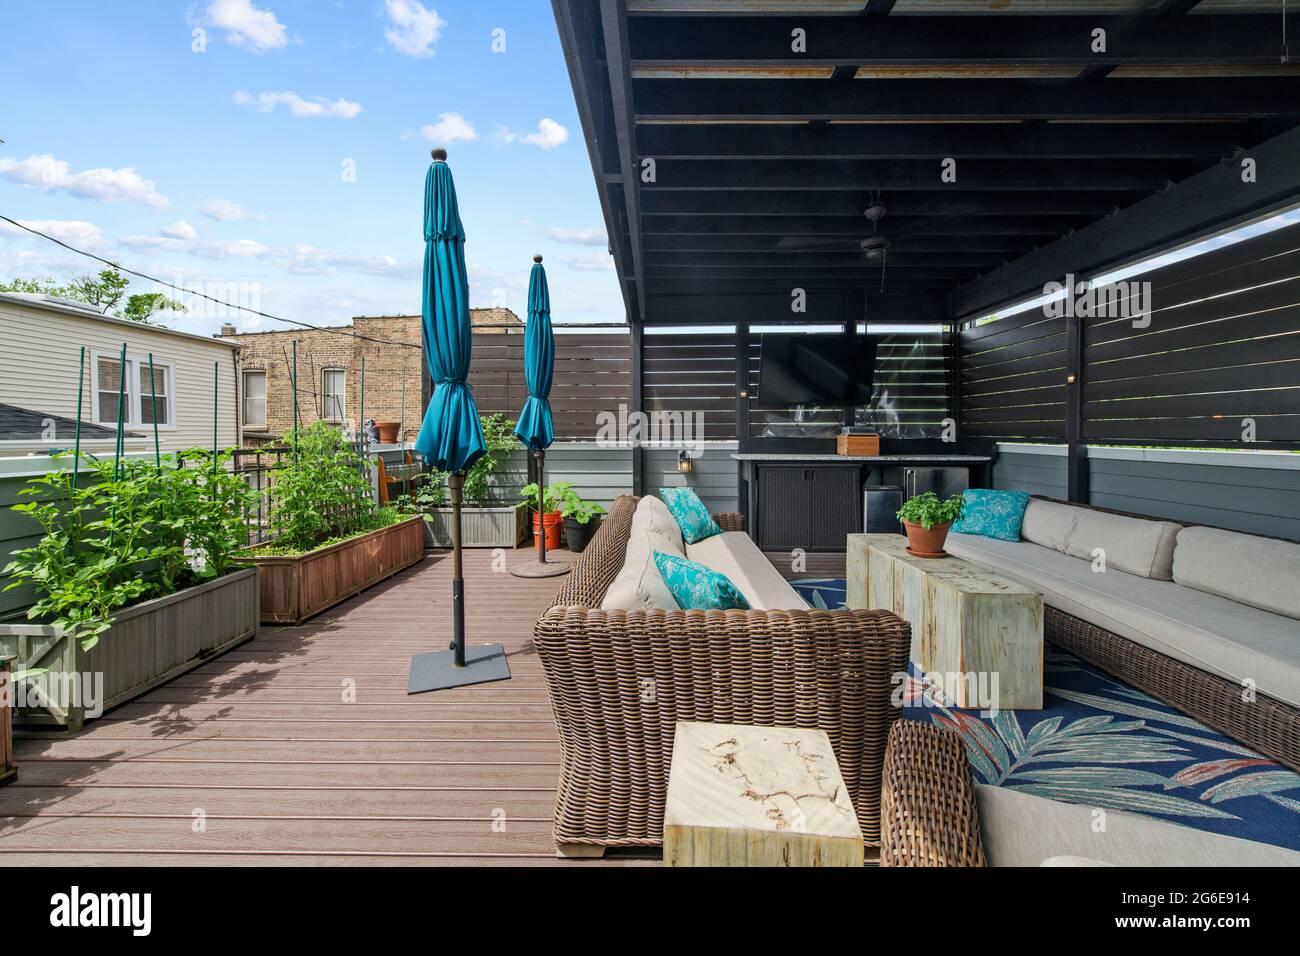 Résidentiel - espace extérieur Banque D'Images